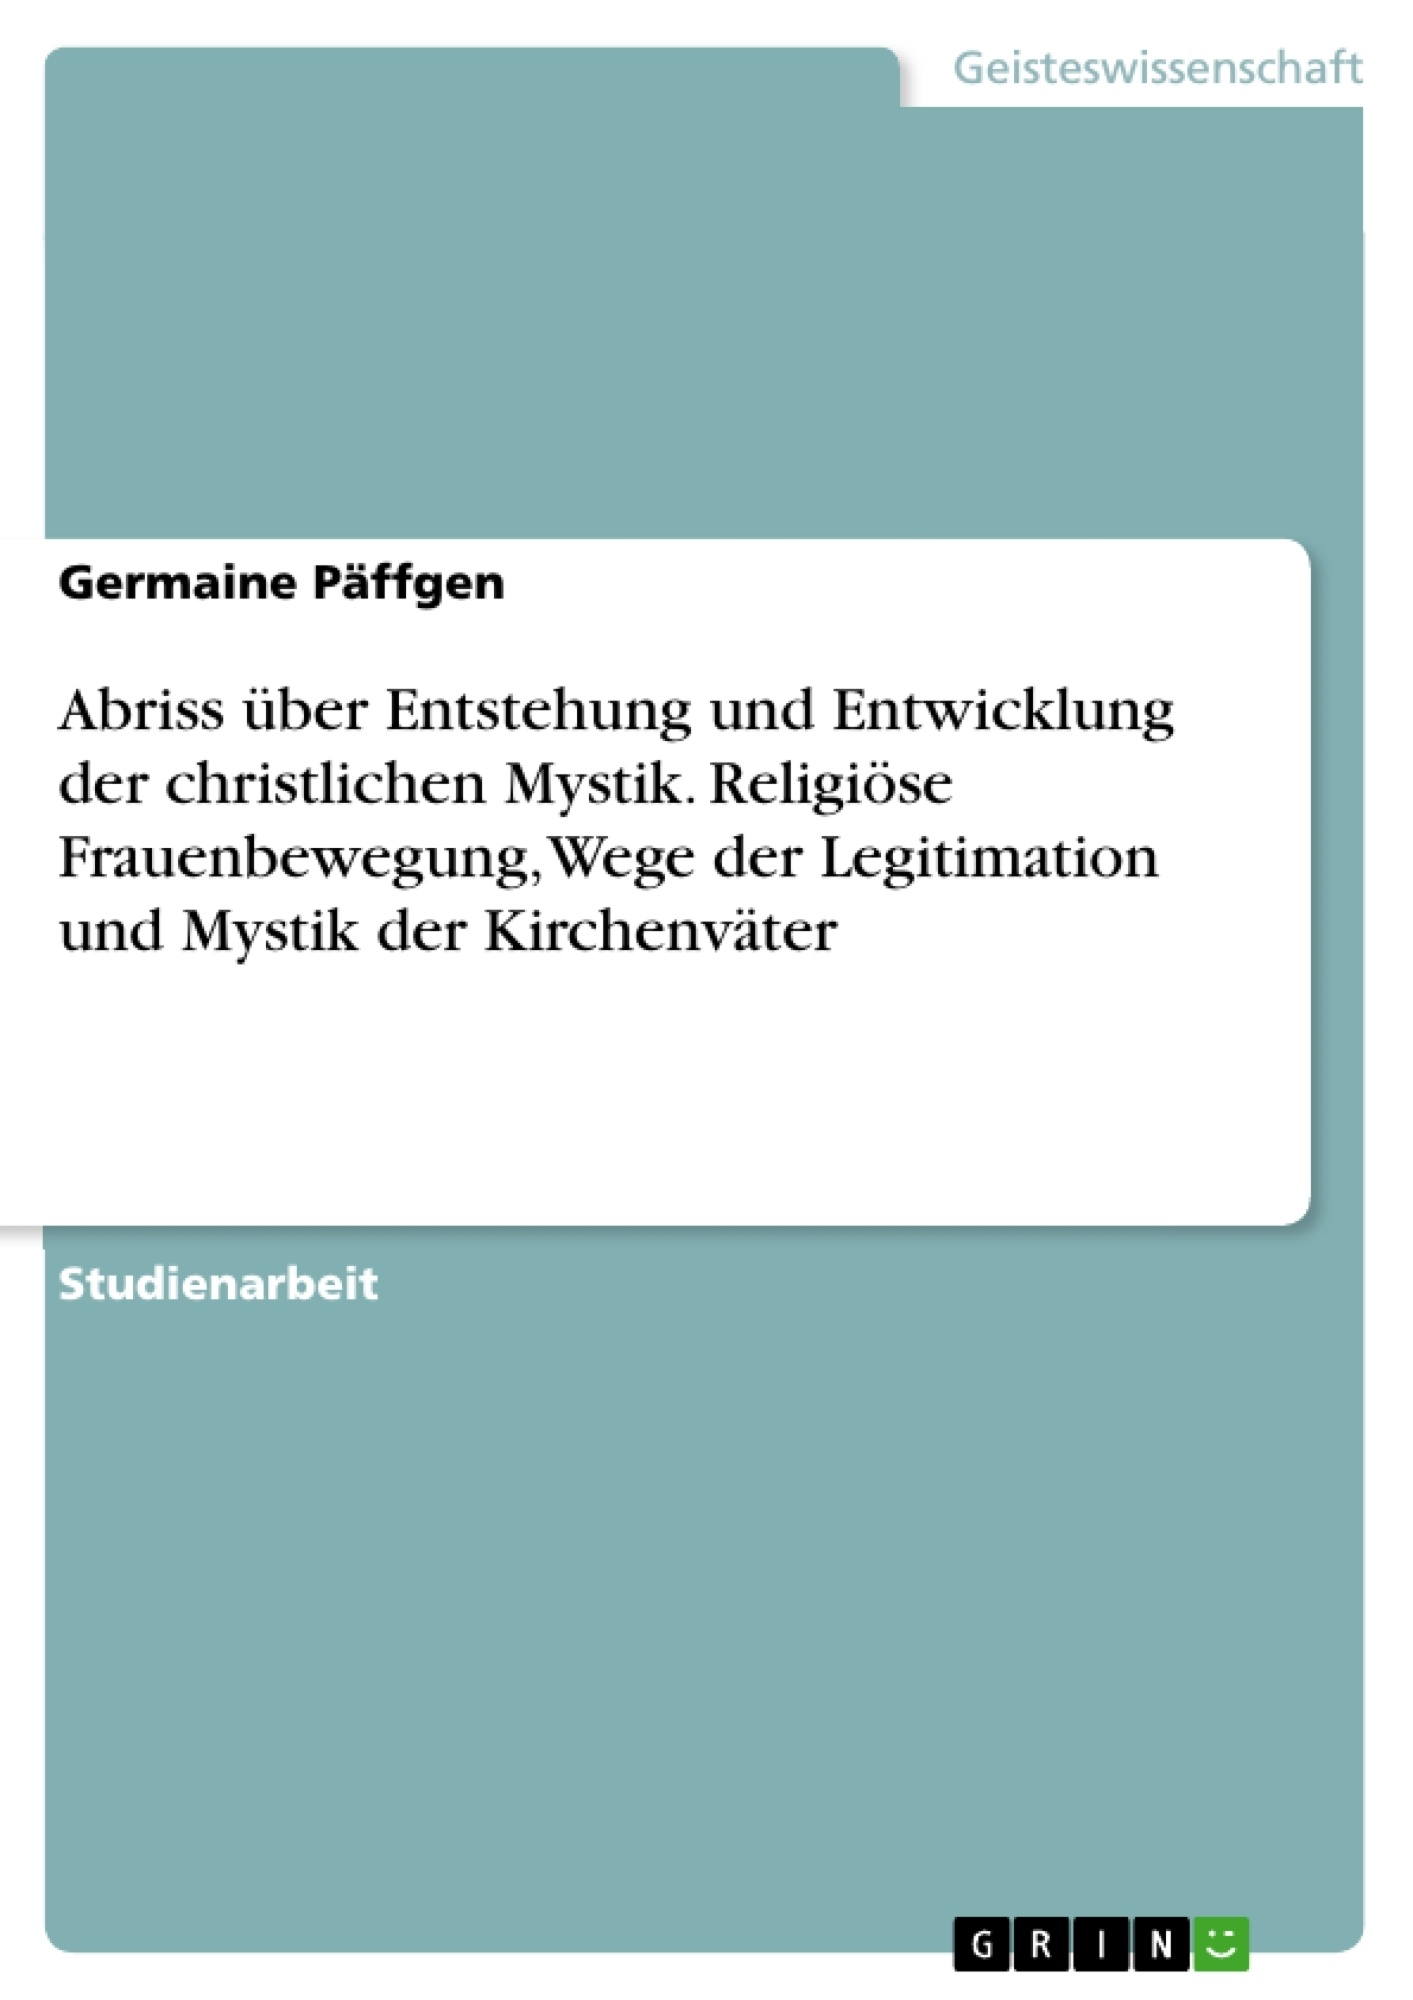 Titel: Abriss über Entstehung und Entwicklung der christlichen Mystik. Religiöse Frauenbewegung, Wege der Legitimation und Mystik der Kirchenväter